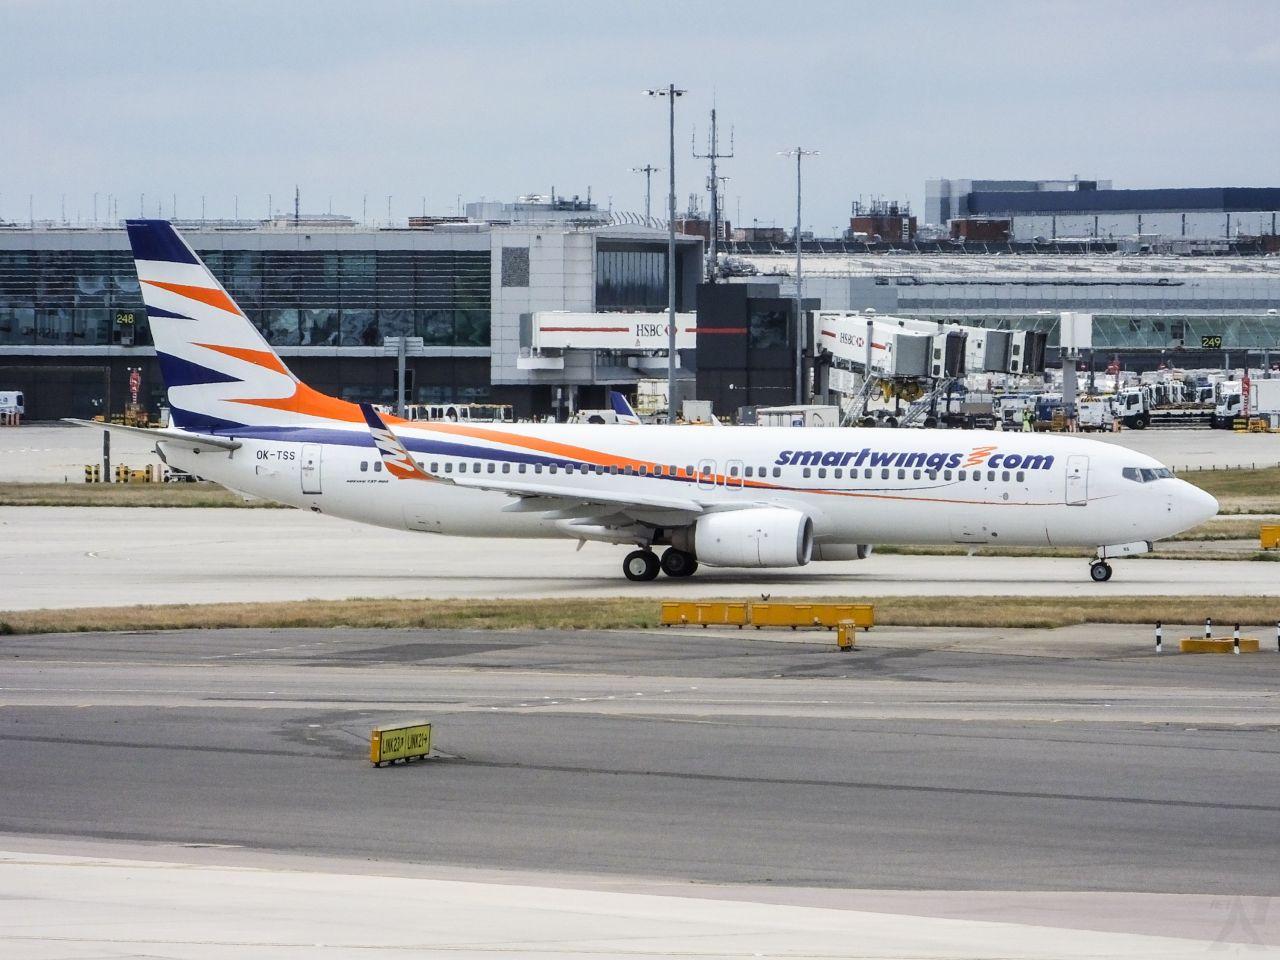 Boeing 737-800 společnosti Smartwings na londýnském letišti Heathrow. Foto: Smartwings